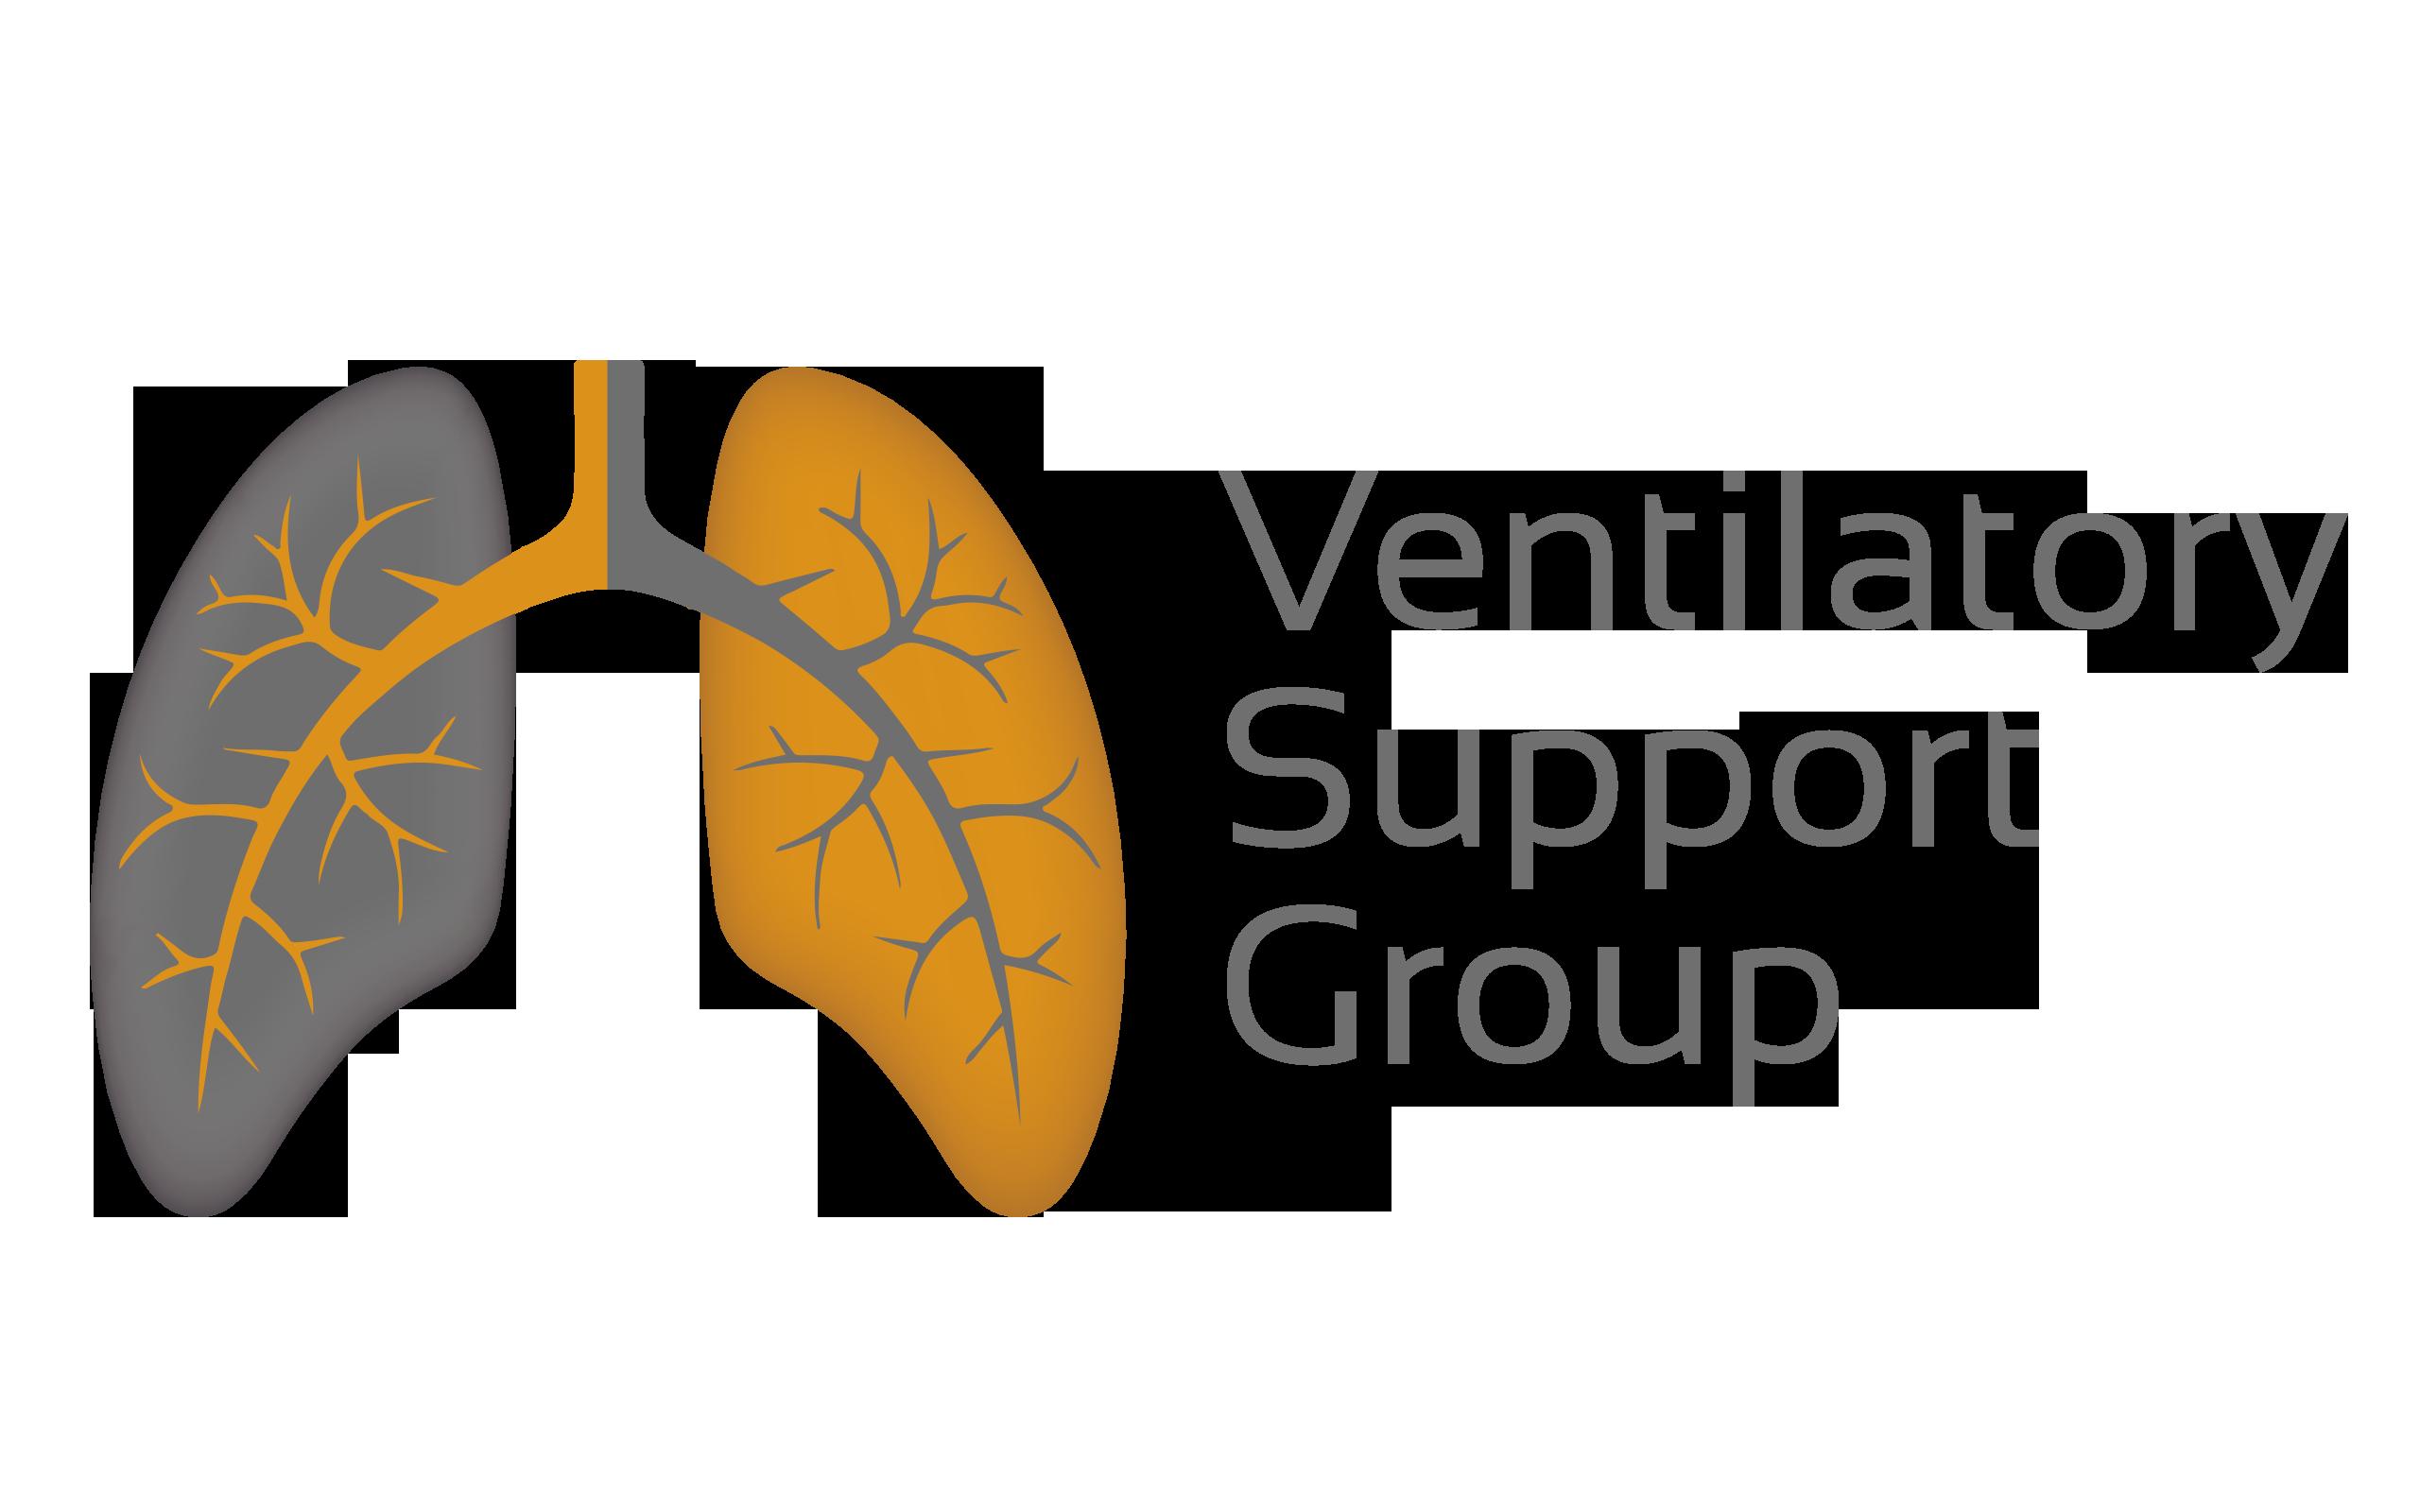 Ventilatory Support Group S.A de C.V Renta y venta de equipo médico ventilatorio